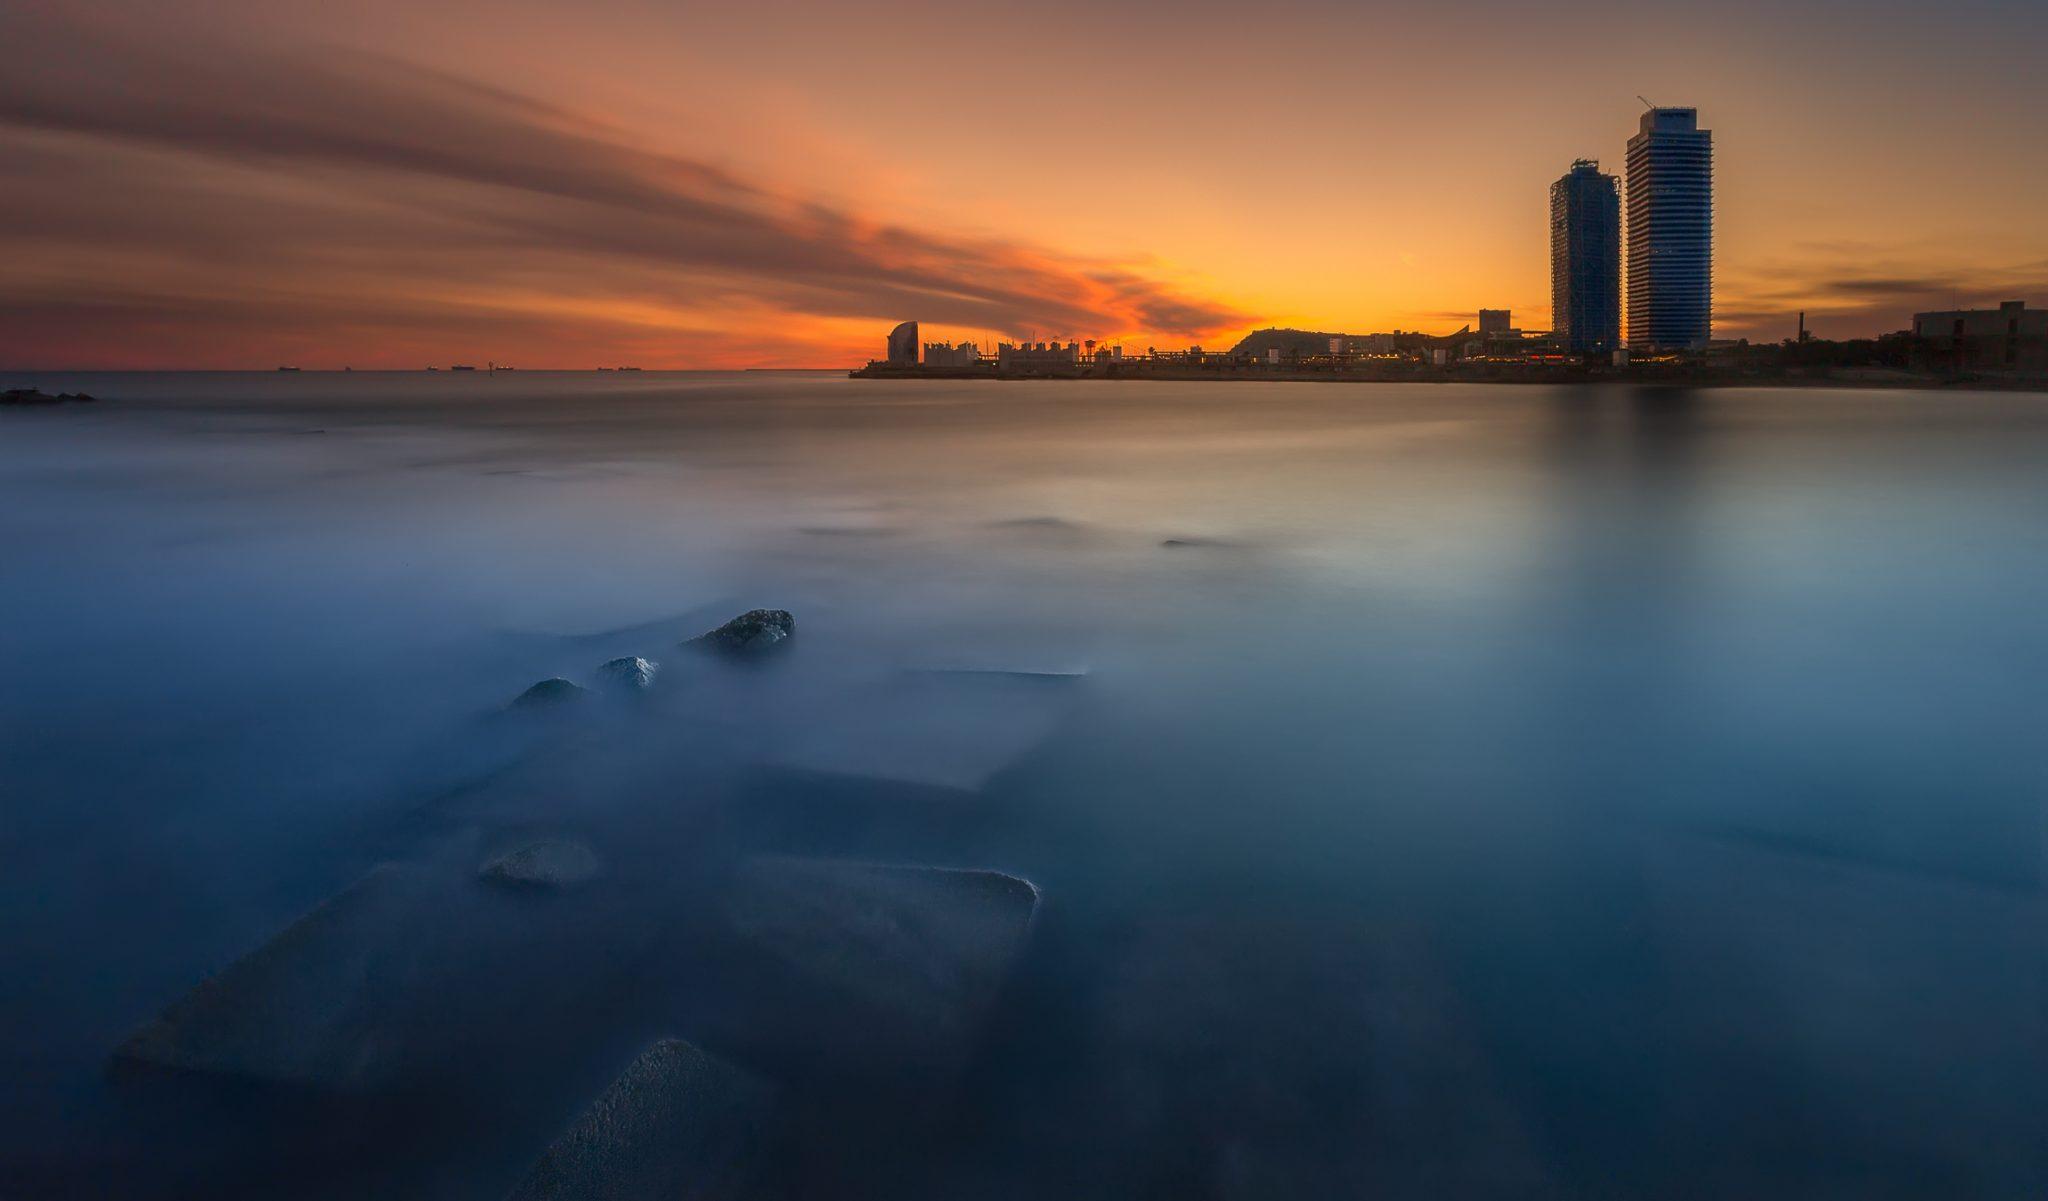 Fotografía de paisaje Barcelona, Barceloneta playa, Fotografía larga exposición hora azul amanecer, atardecer. Canon 6D, filtros Nisi, Trípode Rollei,Danilatorre,danilatorre, Dani Latorre, daniel Latorre